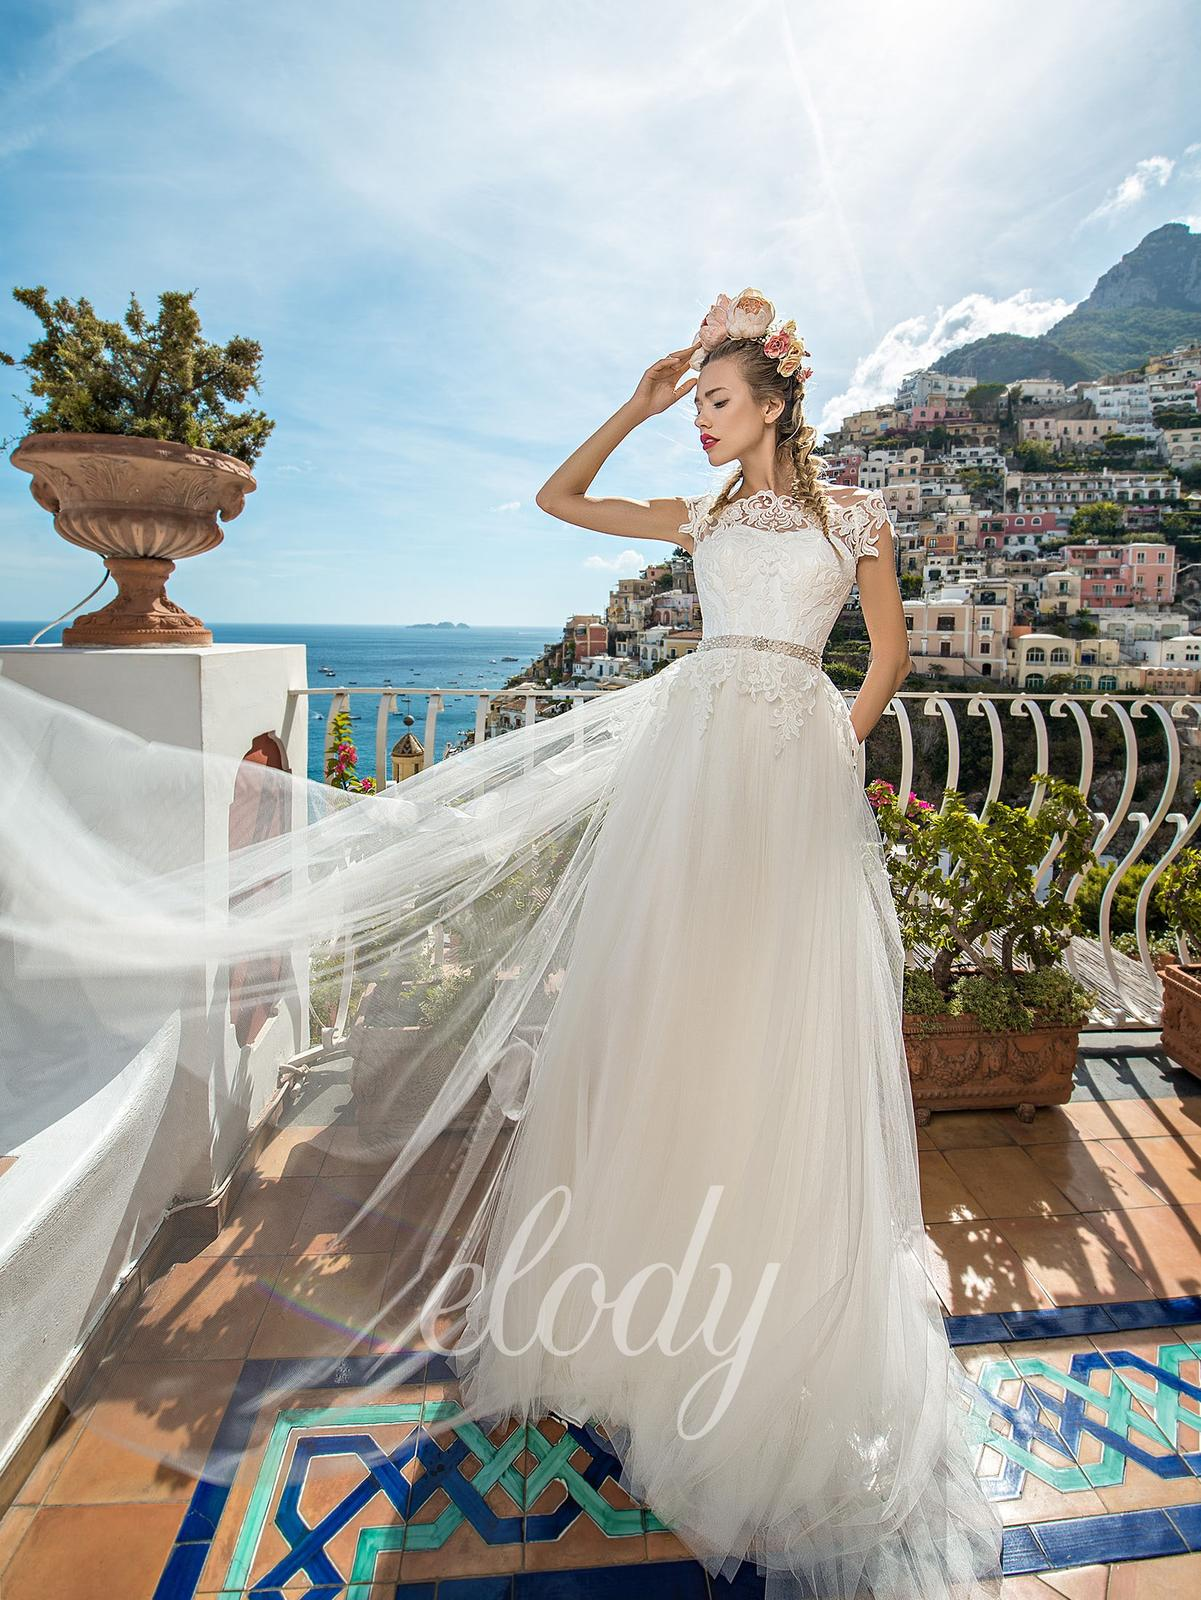 Na prodej krásné, jednou použité svatební šaty zn.ELODY ve vel. 40. Prodejní cena 8400 Kč. Budete-li mít o tyto šaty zájem, zavolejte a domluvíme se na termínu - Obrázek č. 1